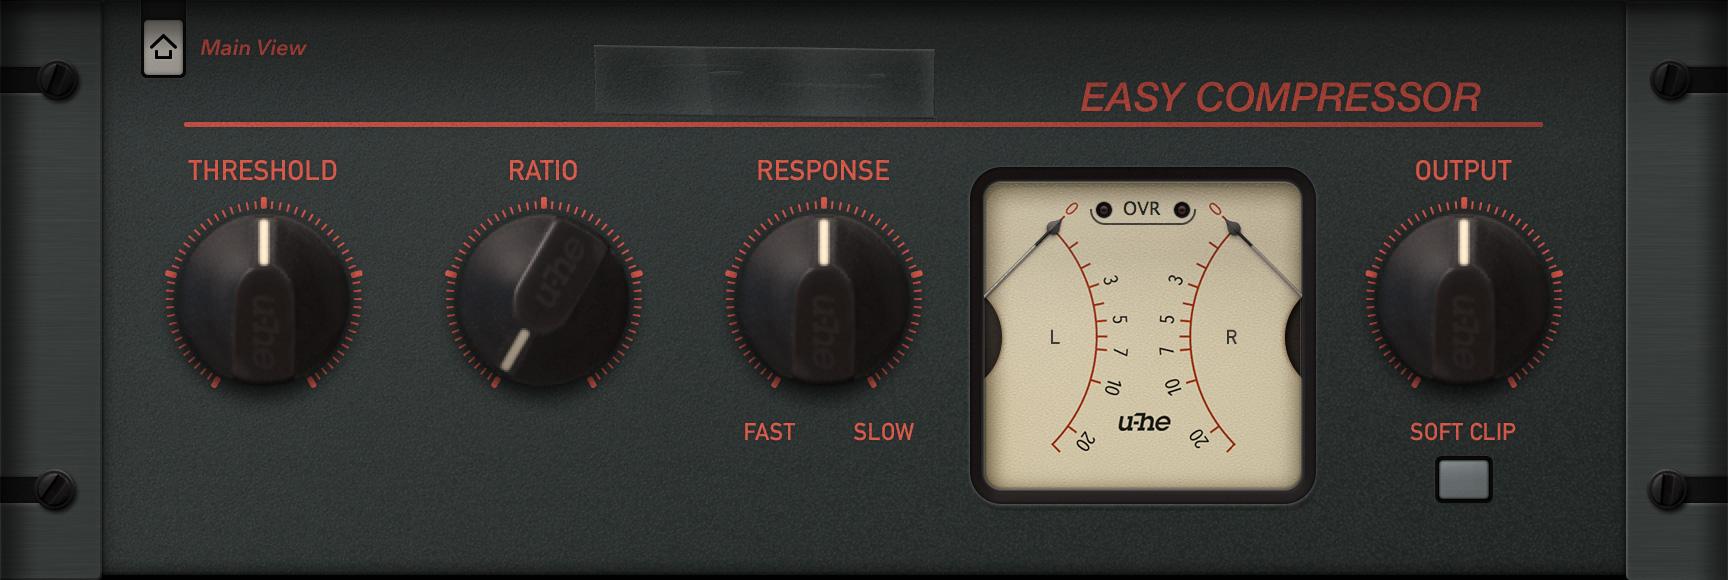 Easy Compressor